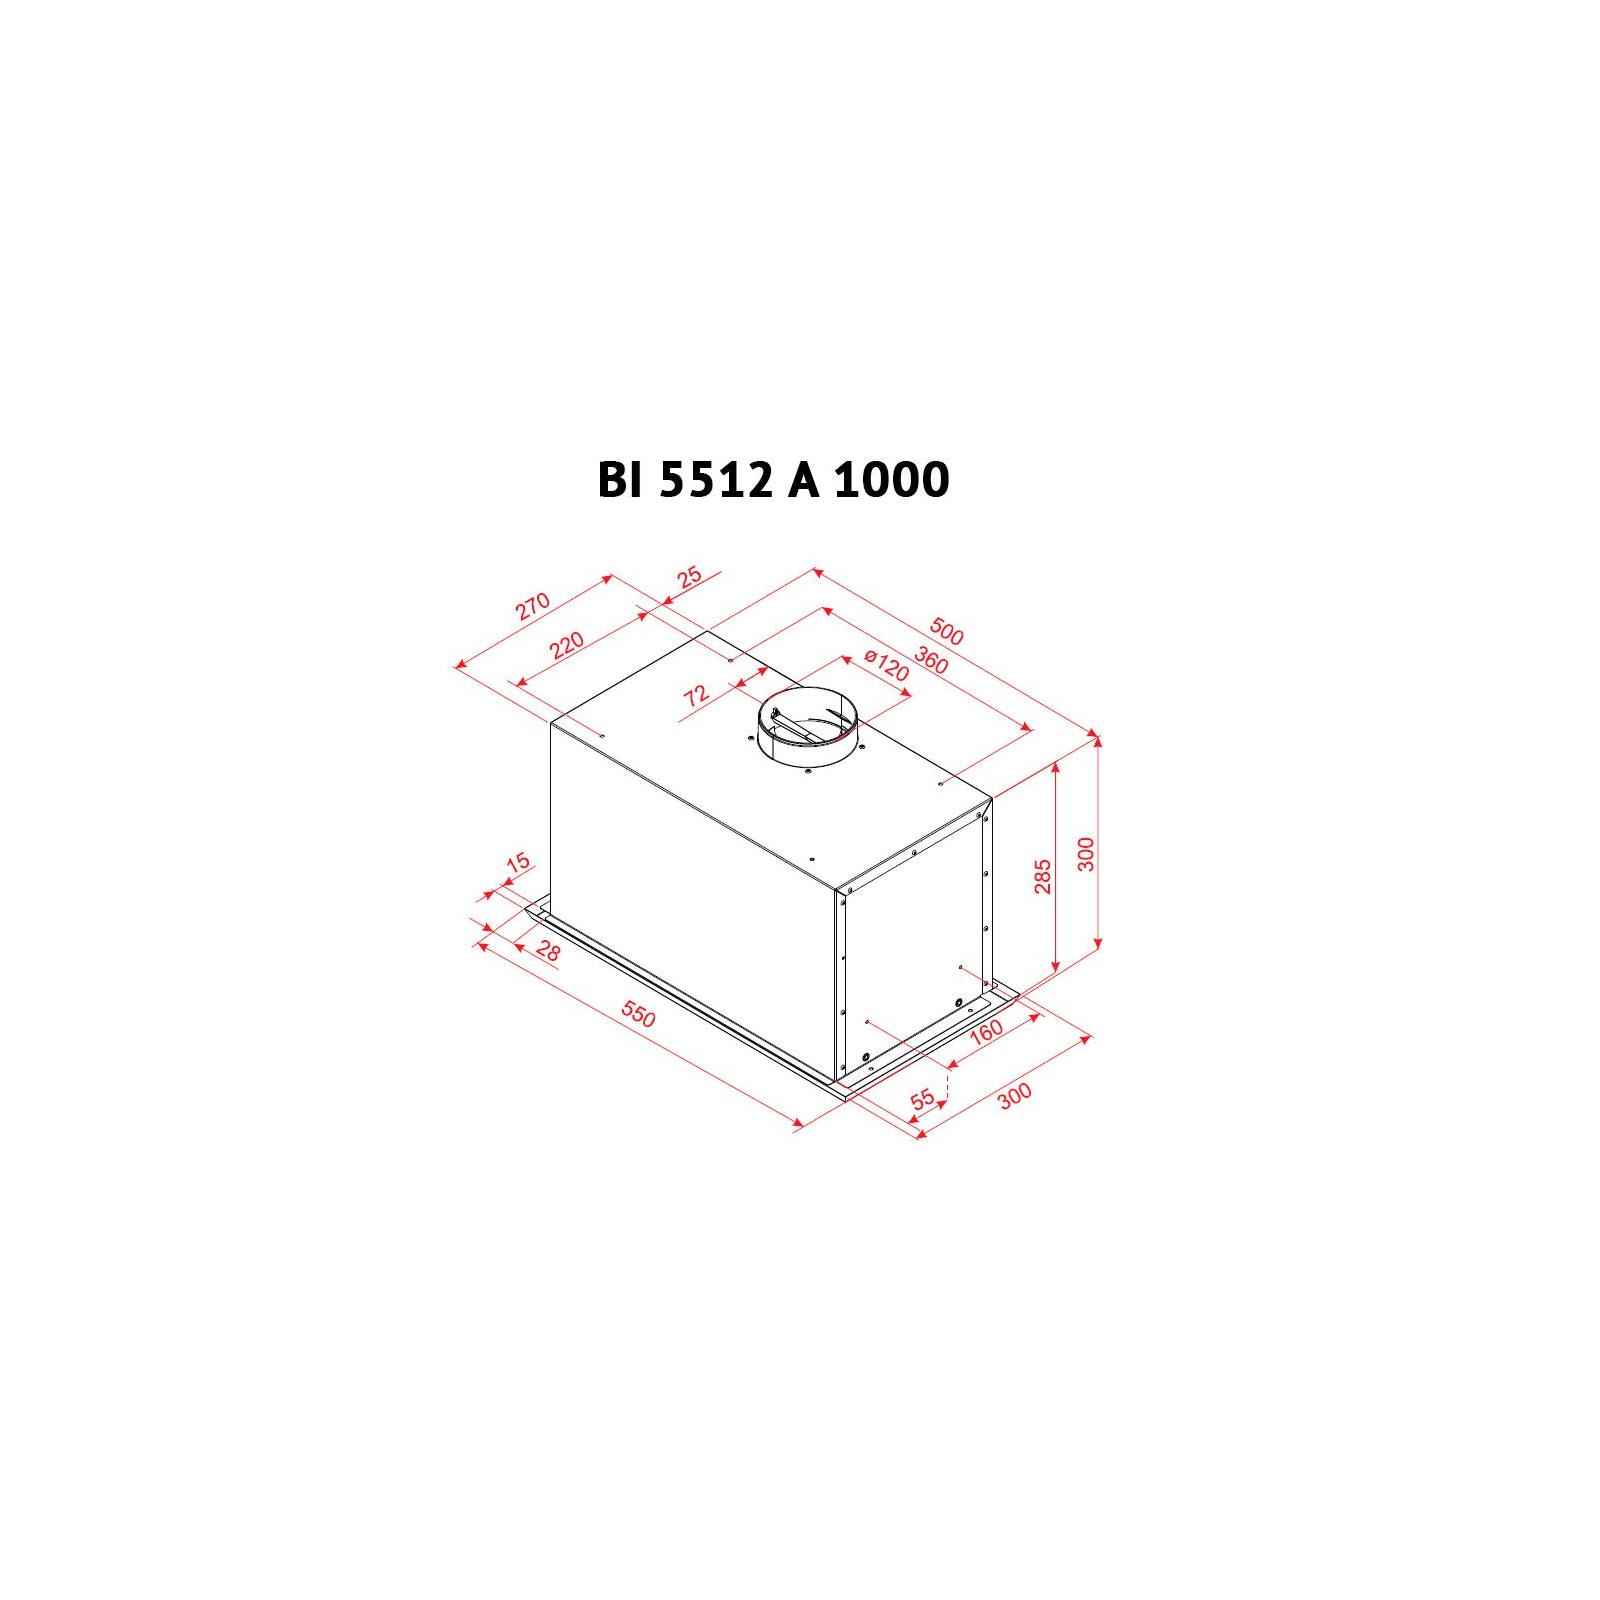 Вытяжка кухонная PERFELLI BI 5512 A 1000 I LED изображение 6